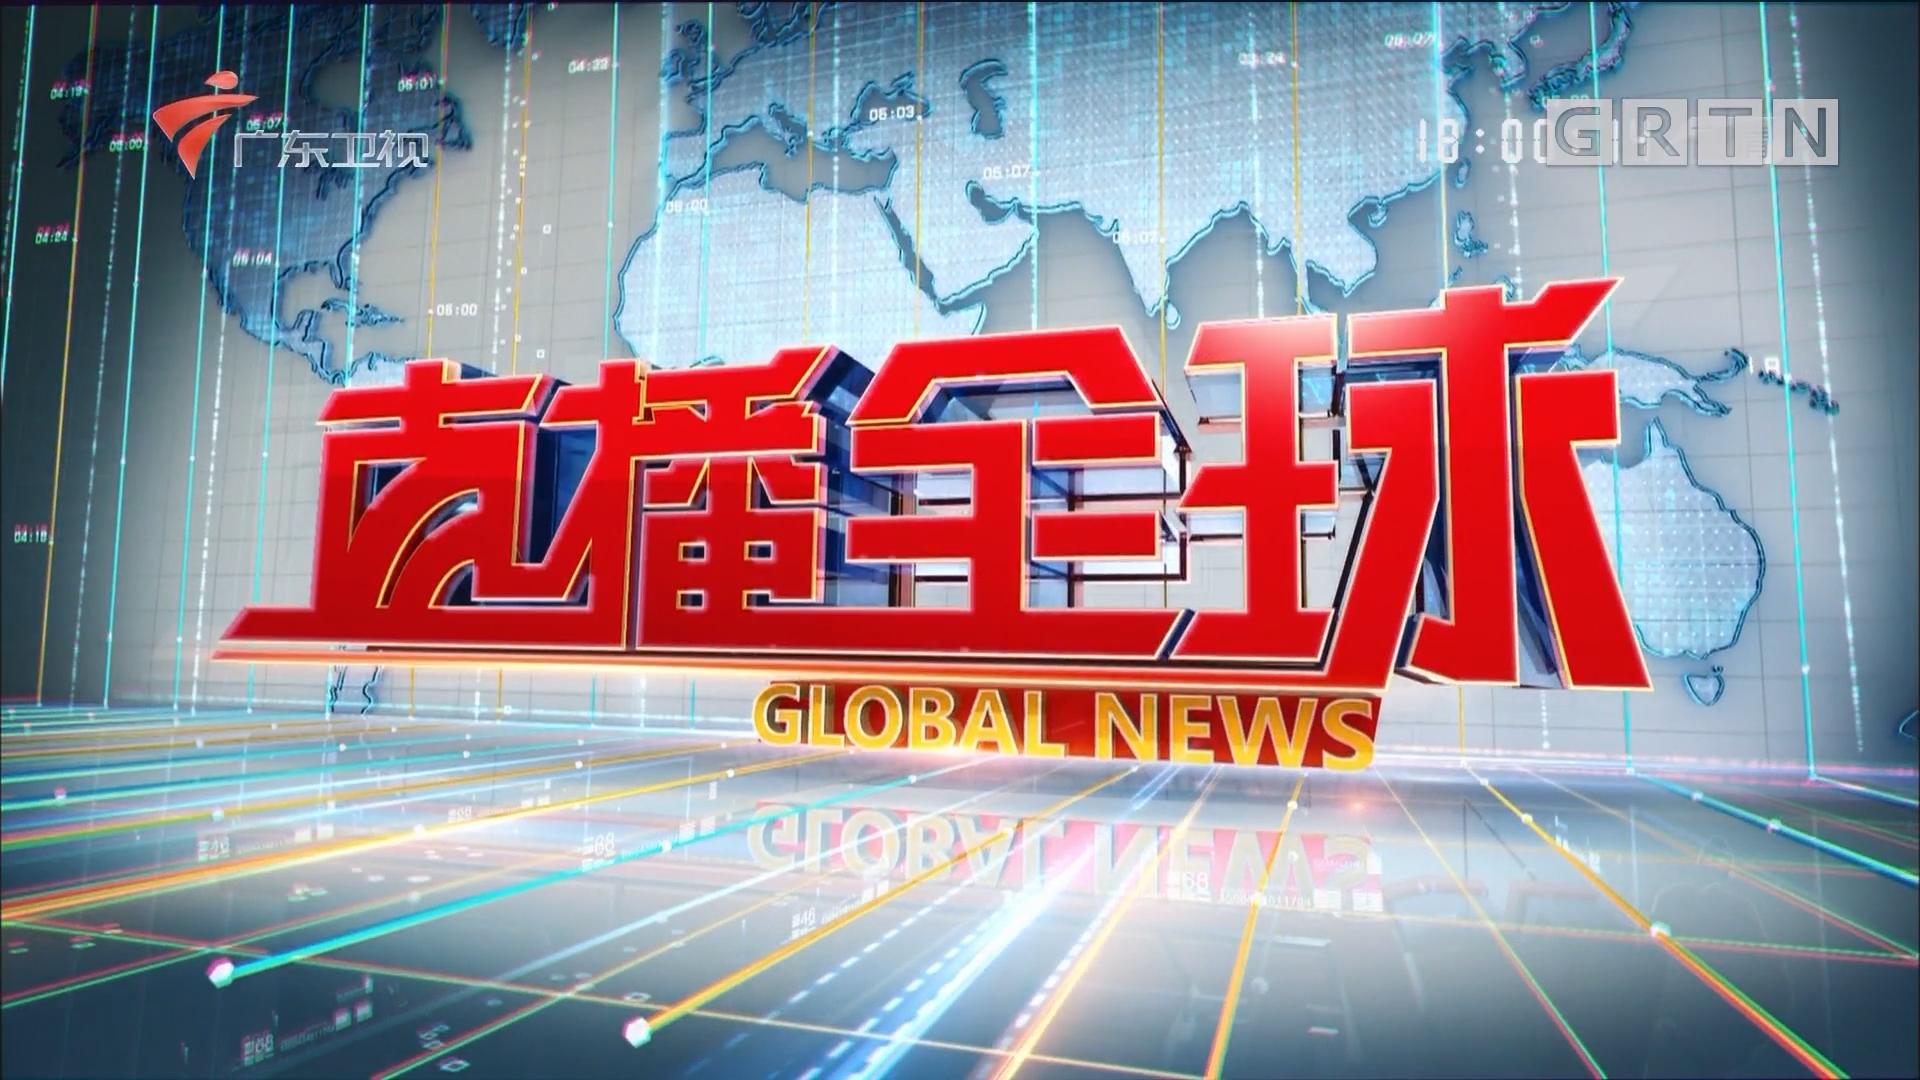 [HD][2017-12-27]直播全球:美国财政部宣布制裁两名朝鲜官员:受制裁官员是朝鲜导弹计划关键人物